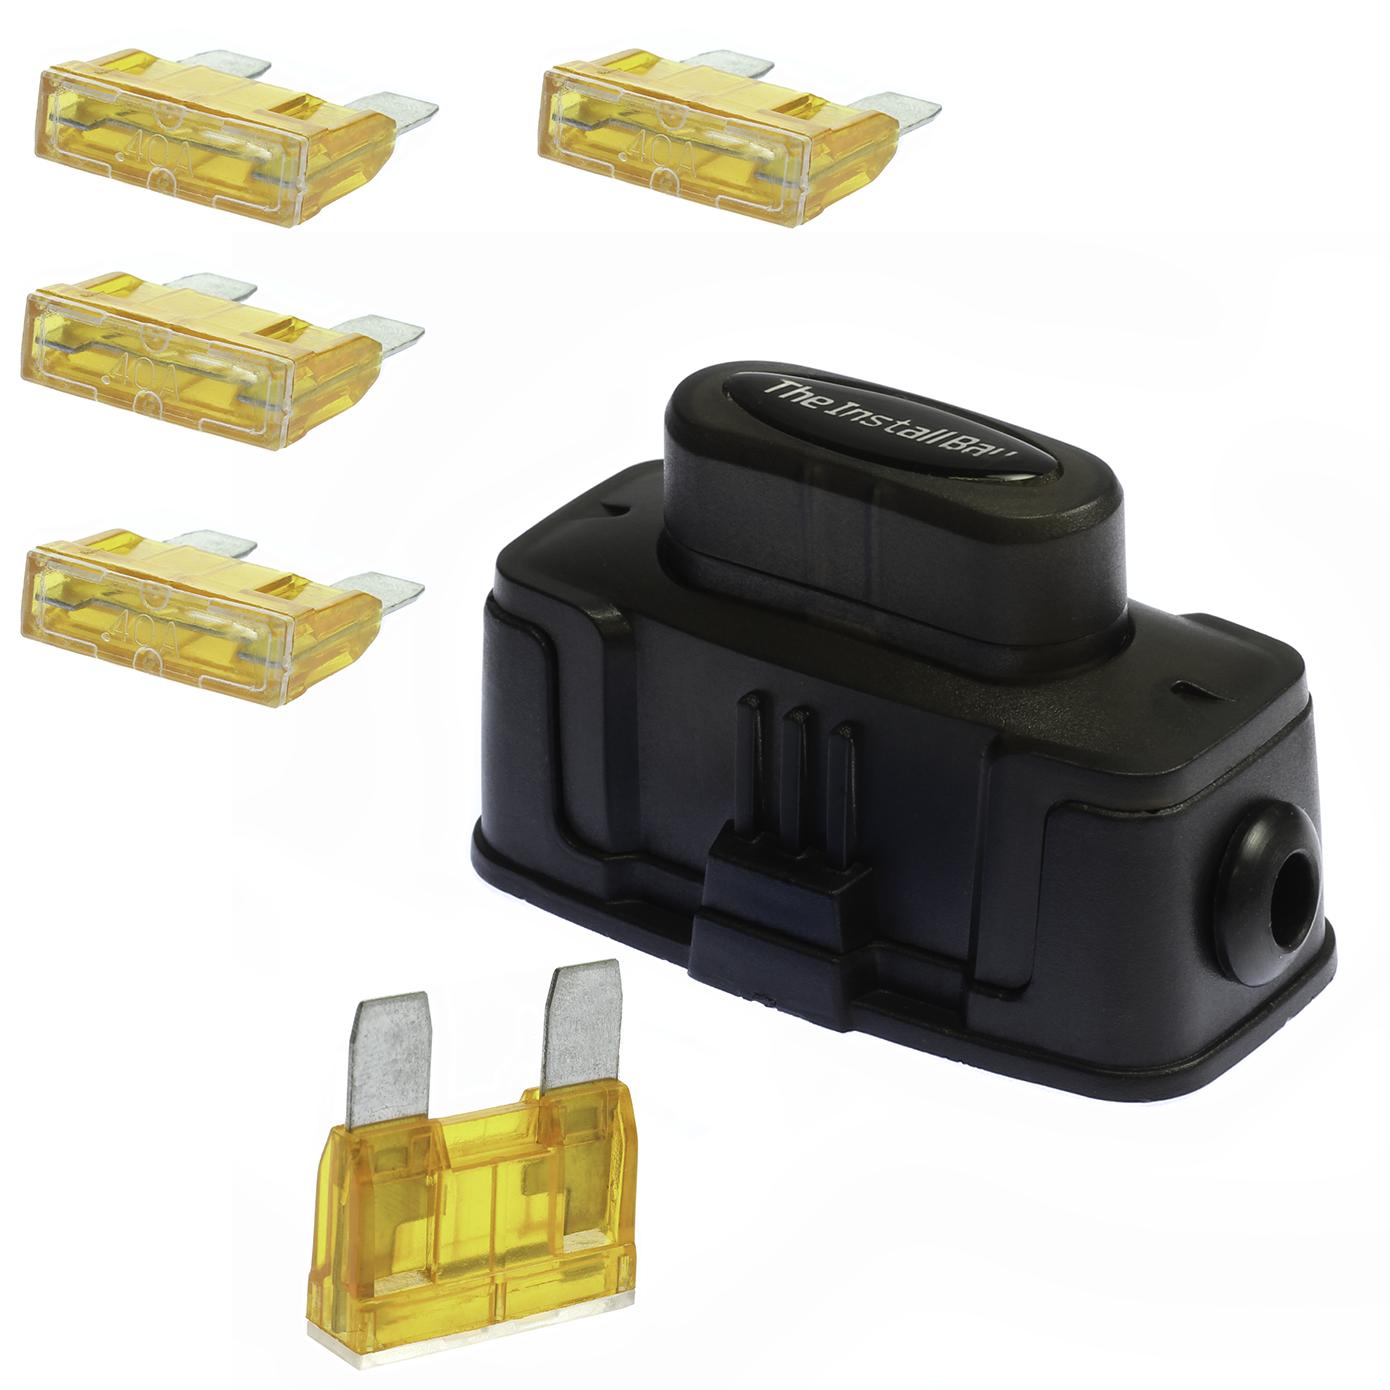 1  Maxi Inline Fuse Holder Fuseholder Install Bay 4 6 8 Gauge  5  40 Amp Fuses 759003340803